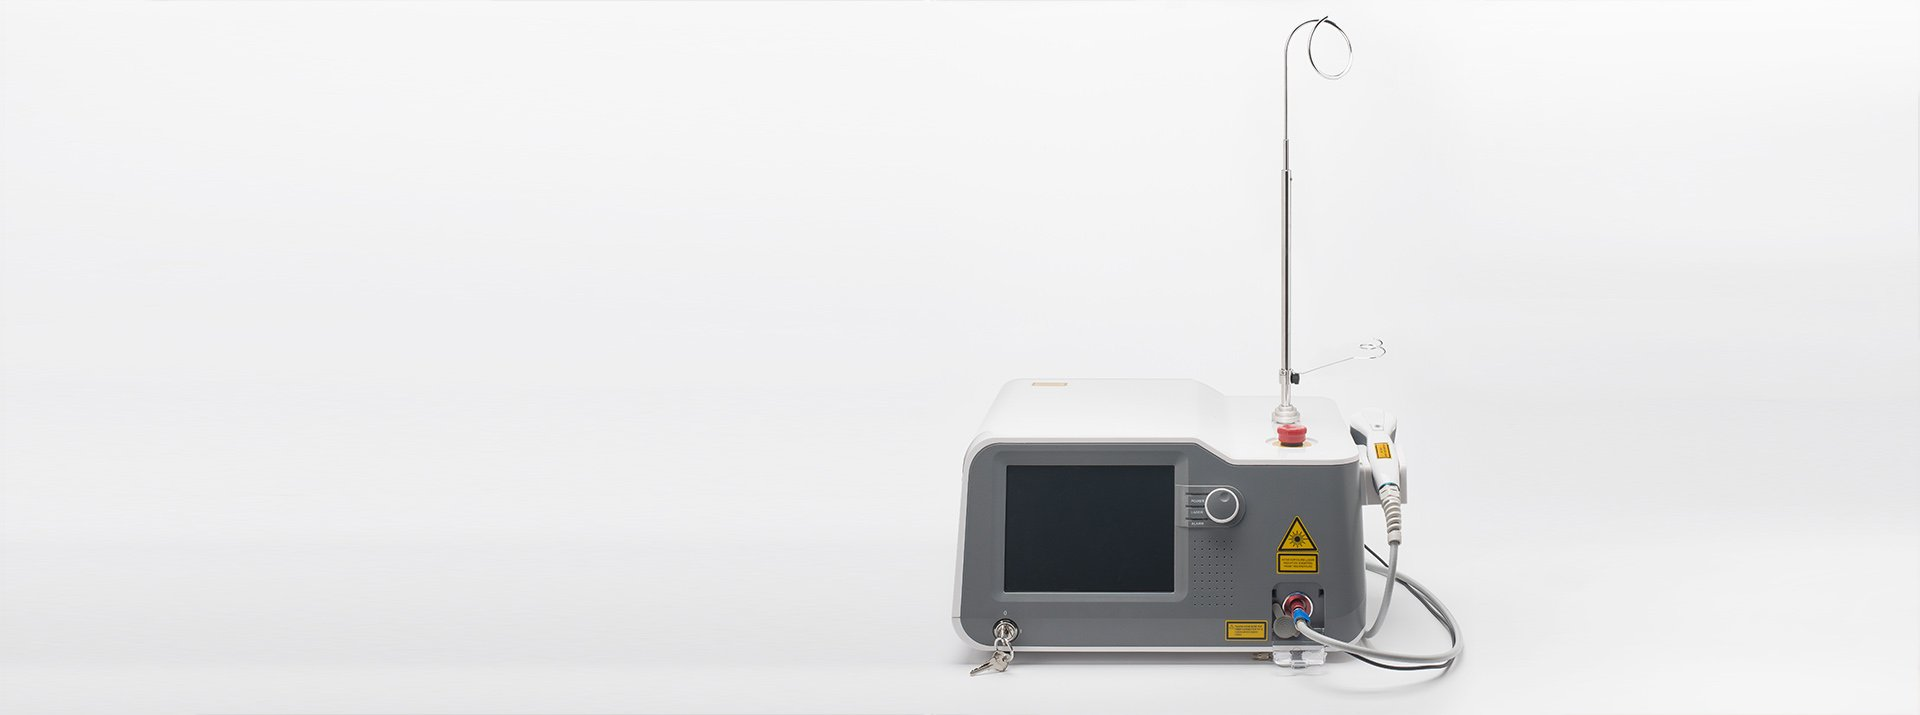 Velas Medical Laser